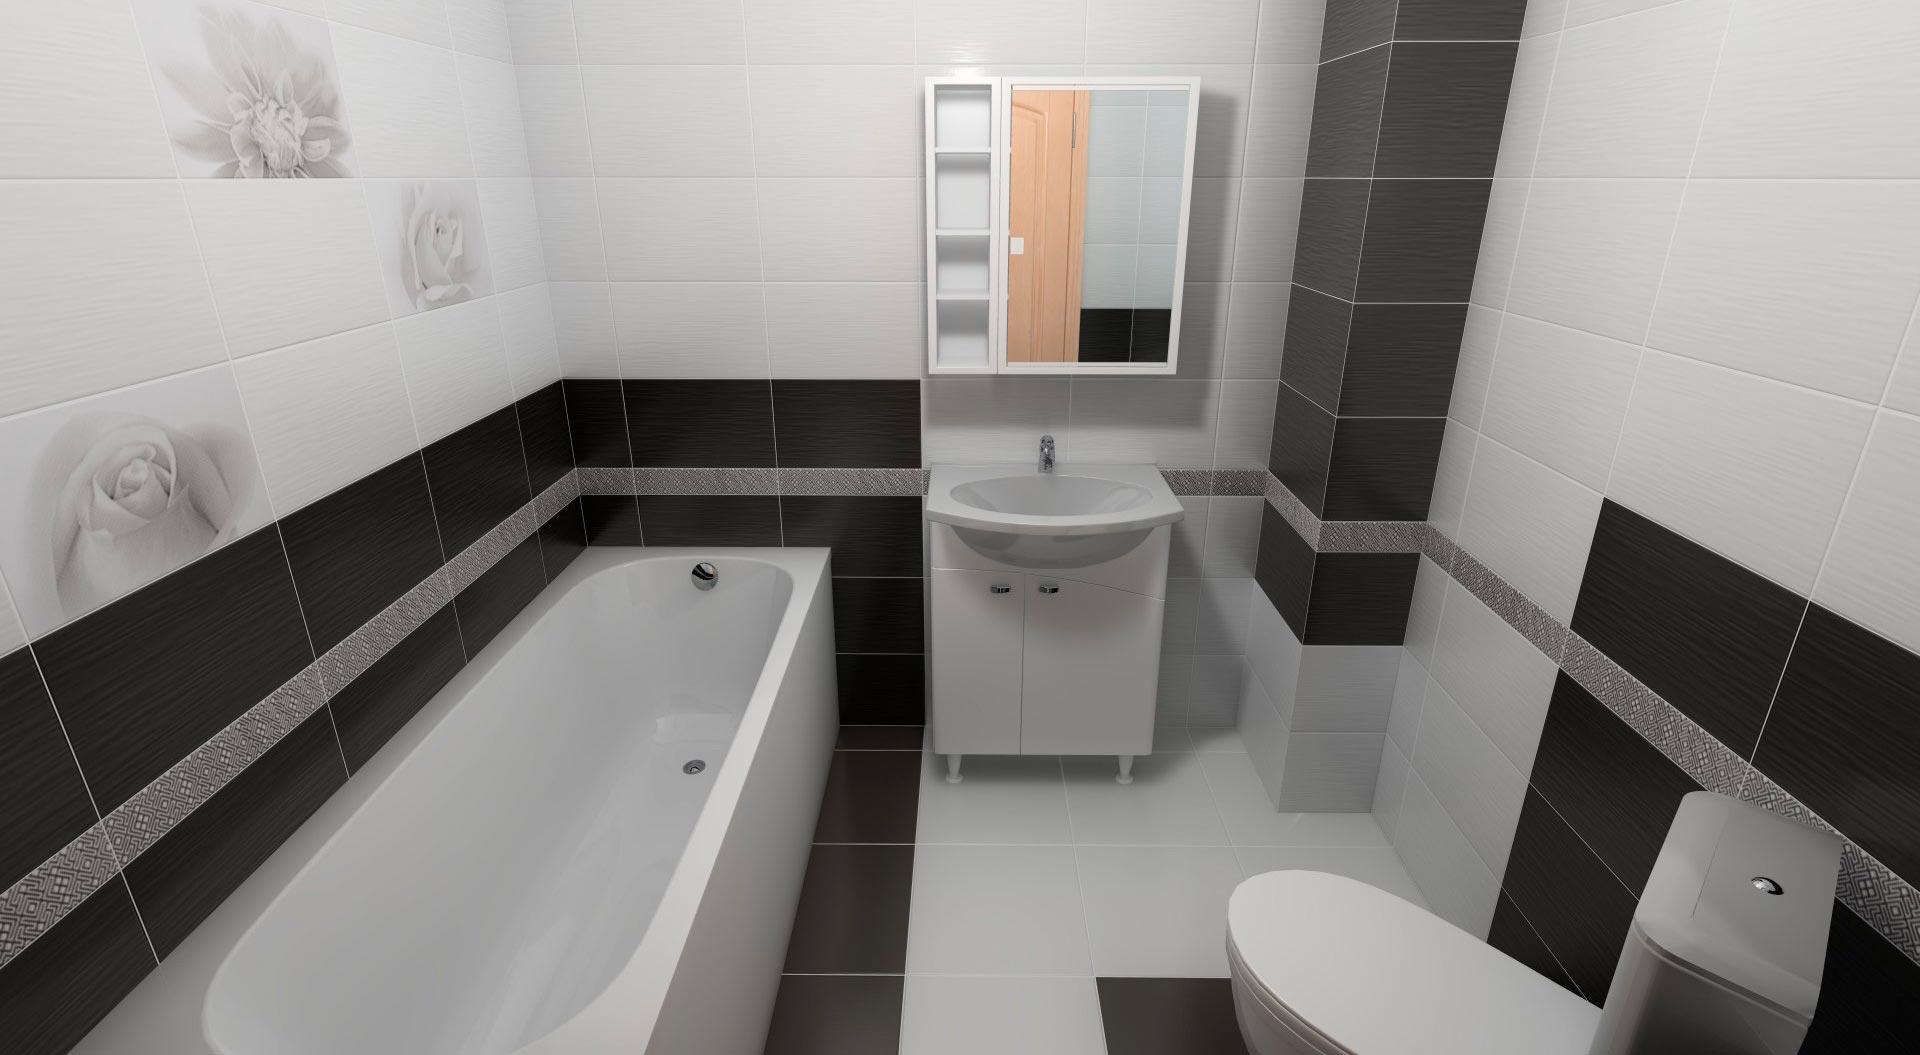 Тонкости отделки ванной комнаты в черно-белой цветовой гамме 3